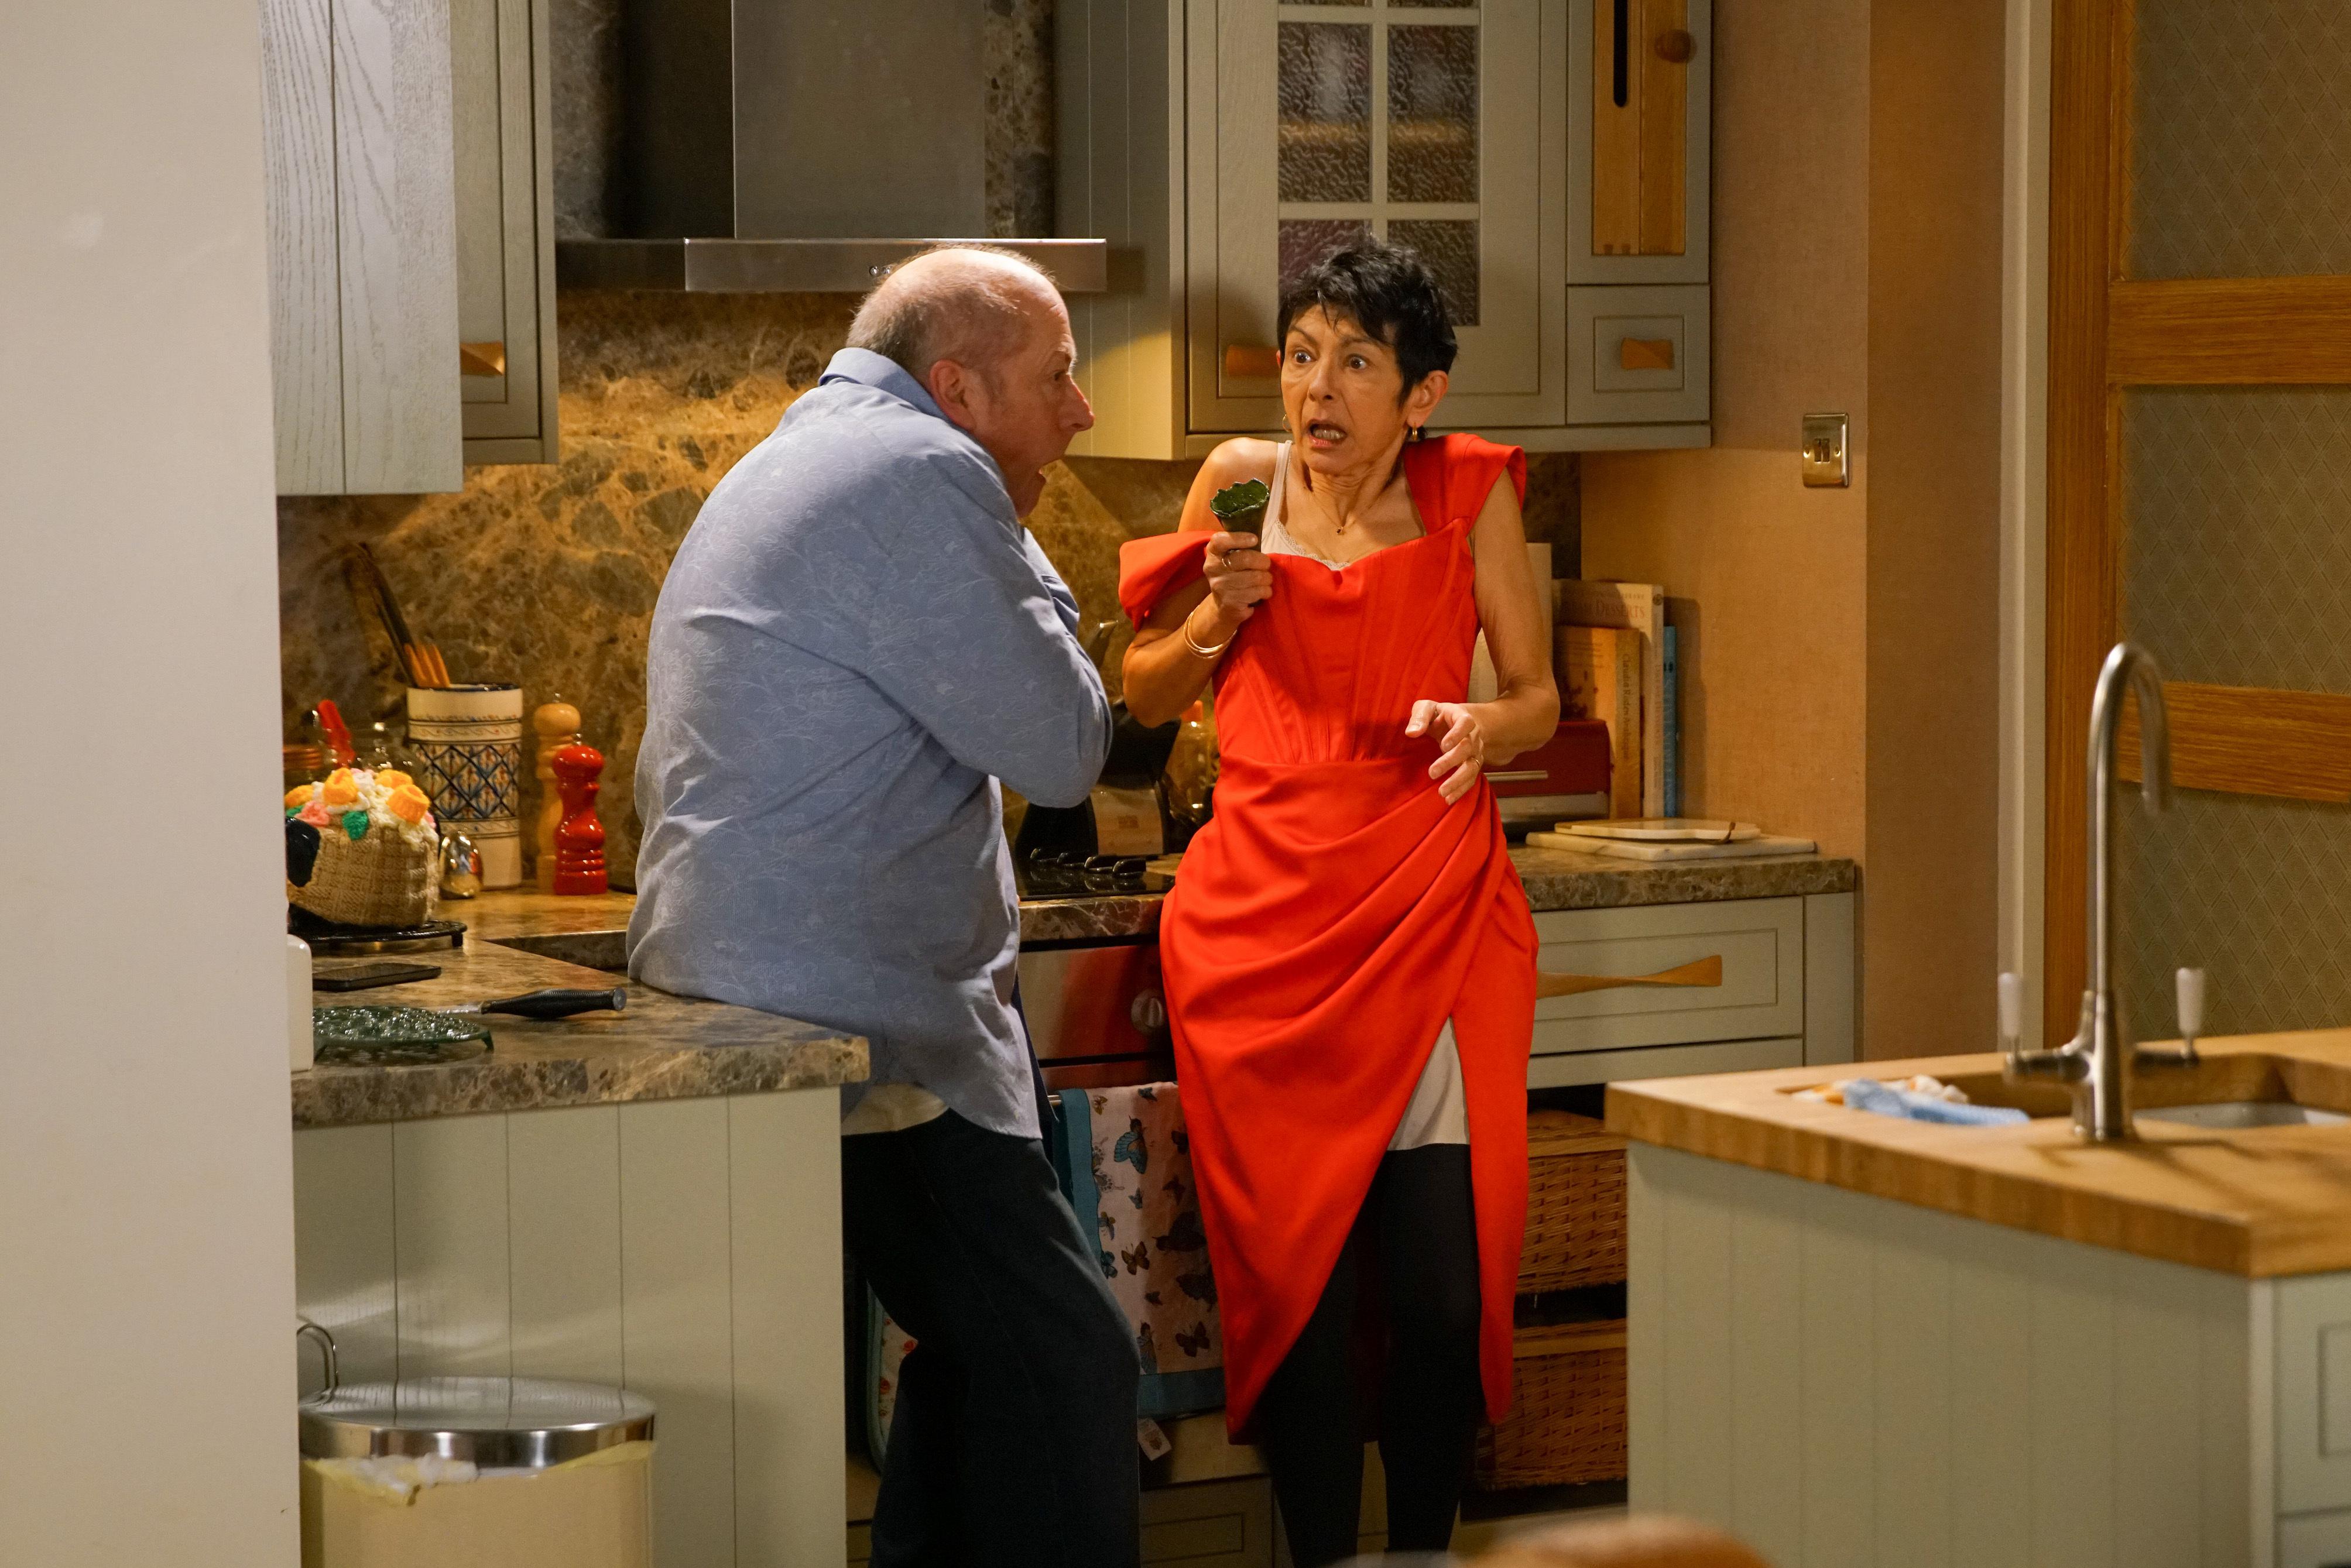 Geoff and Yasmeen in Corrie (ITV/Danielle Baguley)